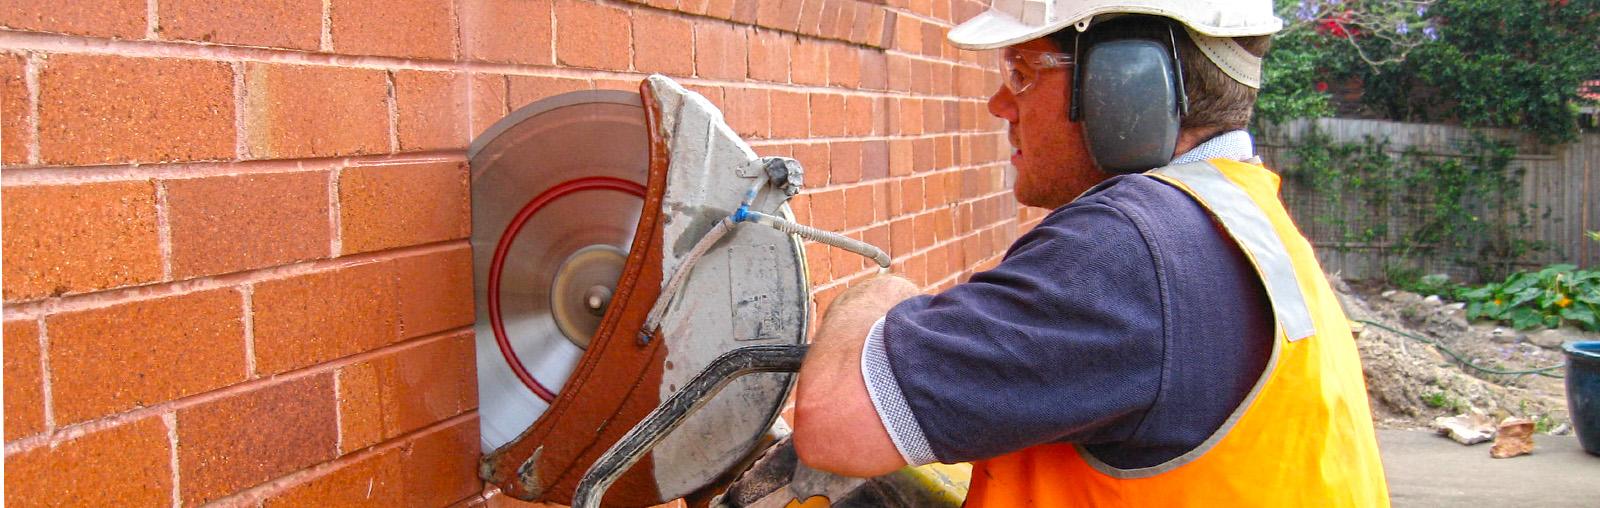 Резка бетона – уникальный метод строительного демонтажа, доступный каждому